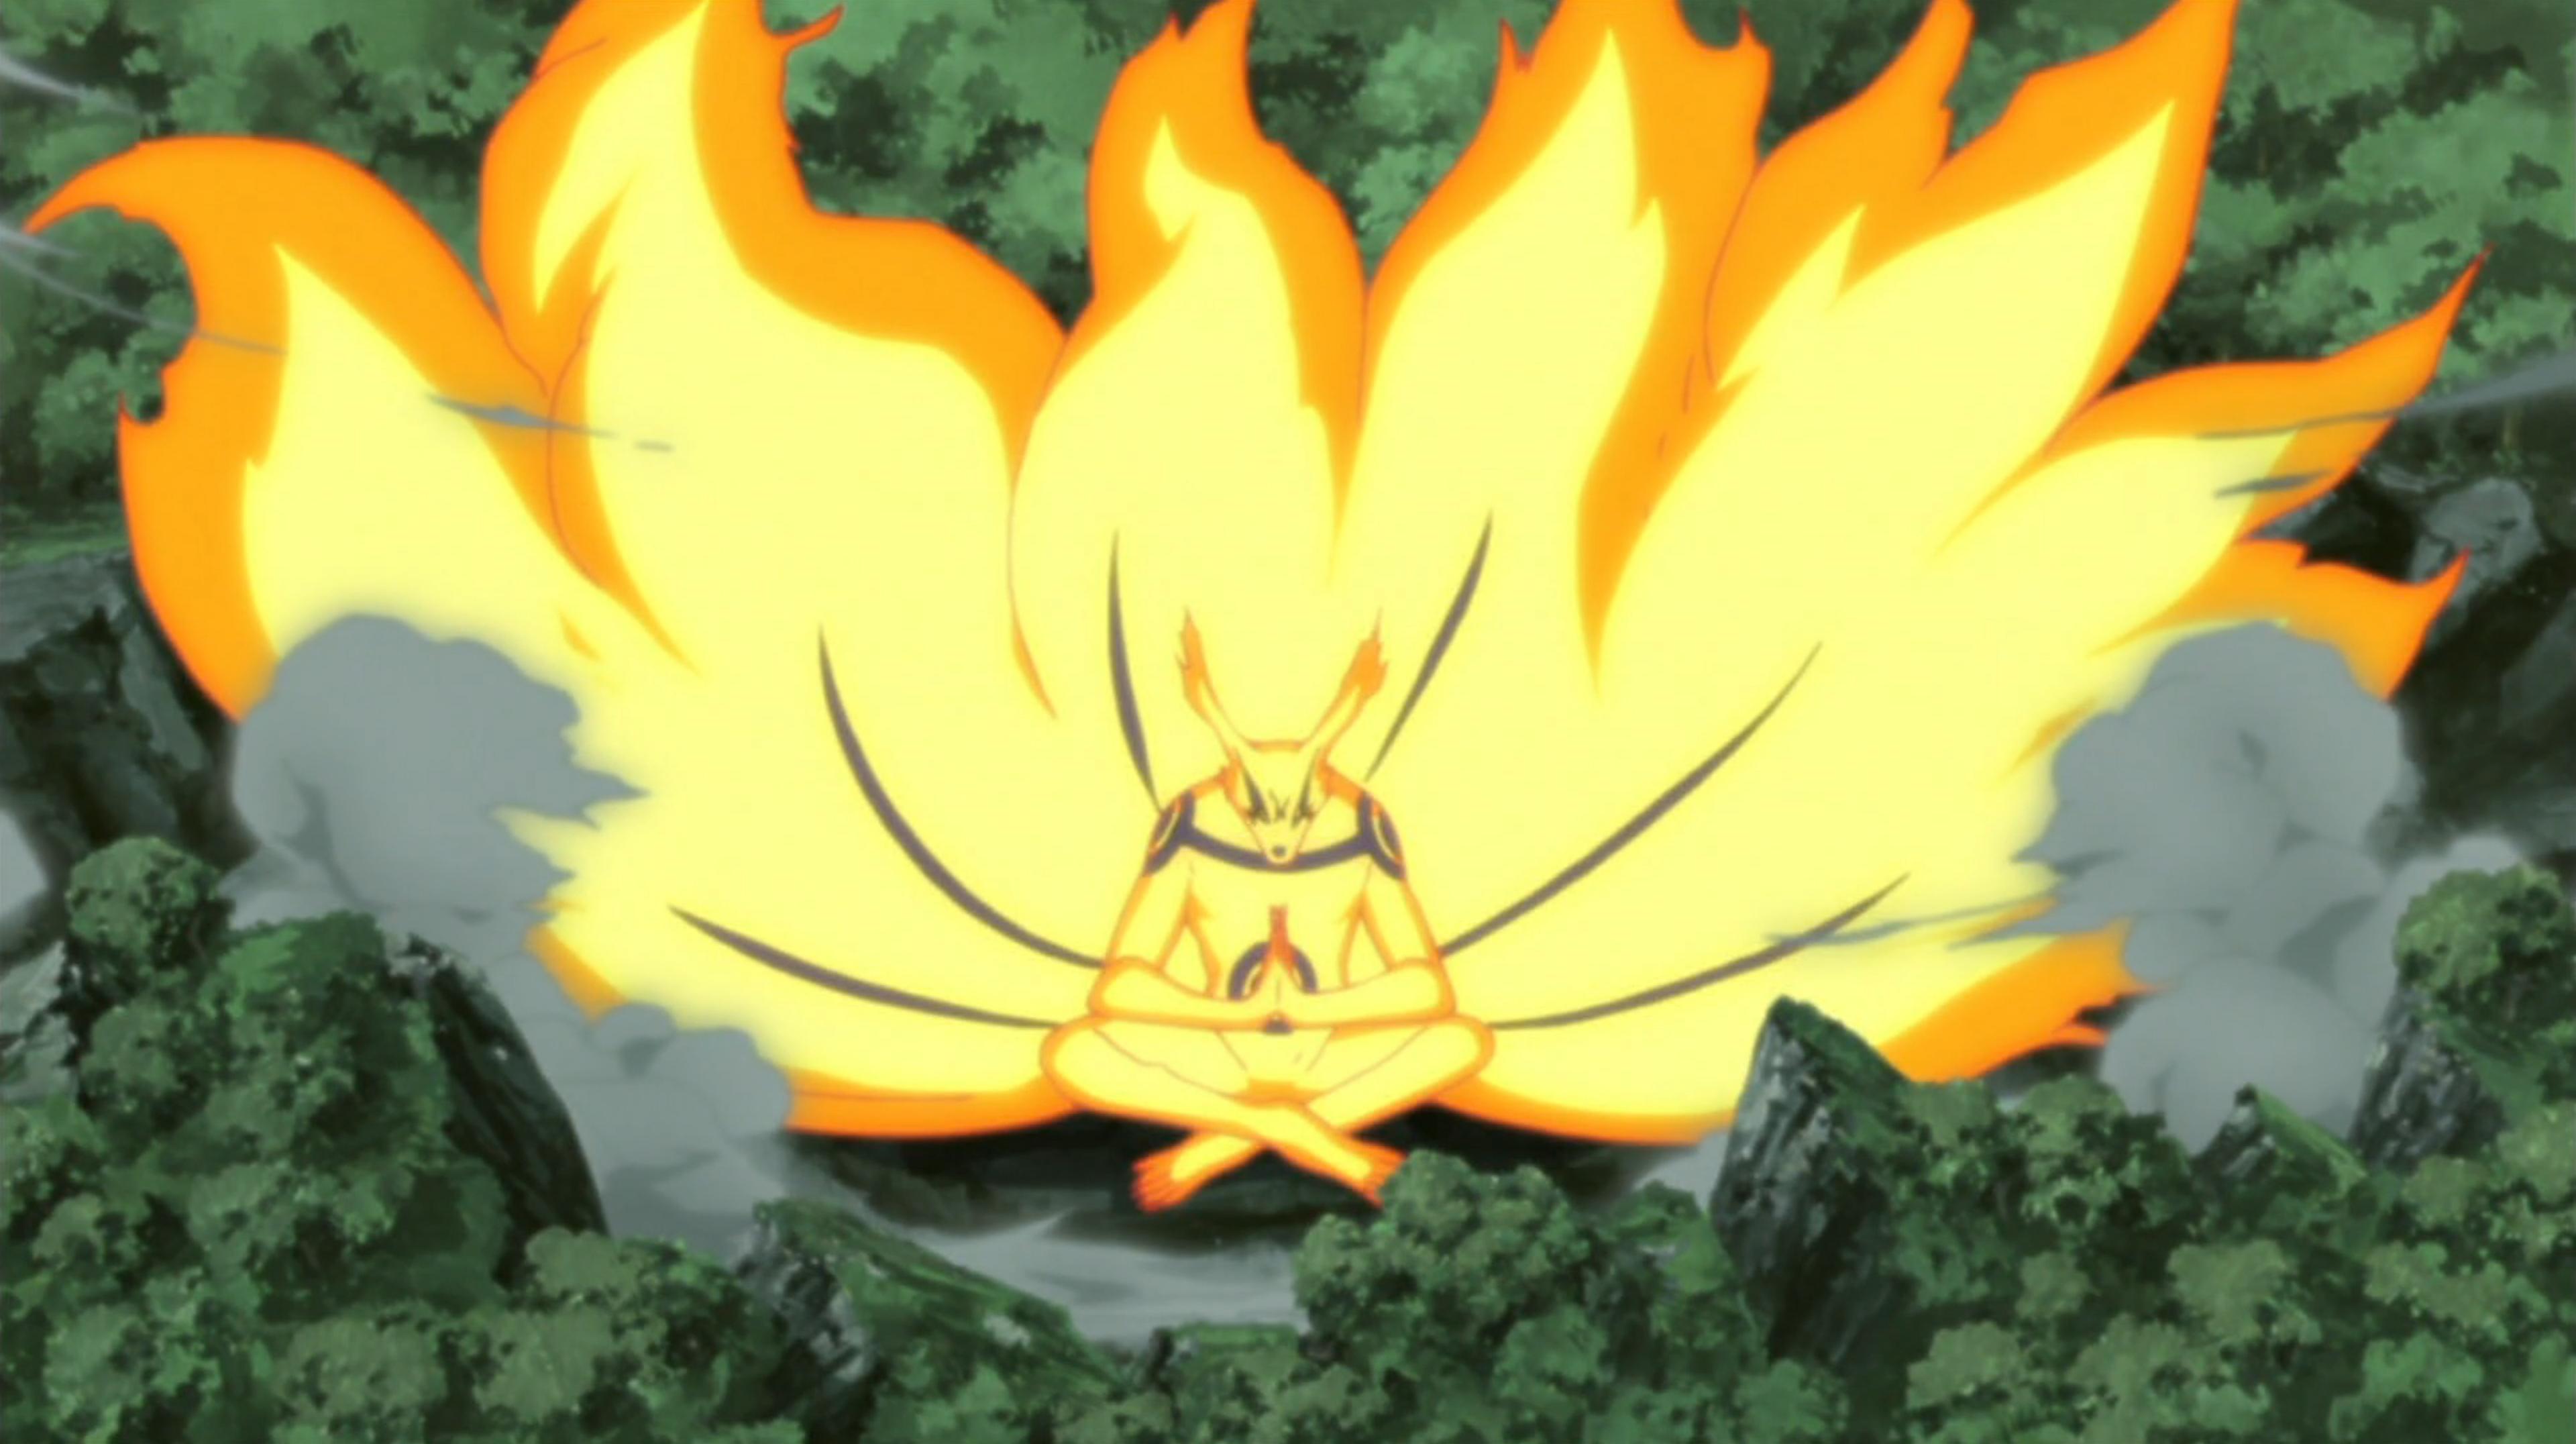 Imagen tomada del anime 'Naruto' con el bijuu en pose de meditación en medio del.bosque.